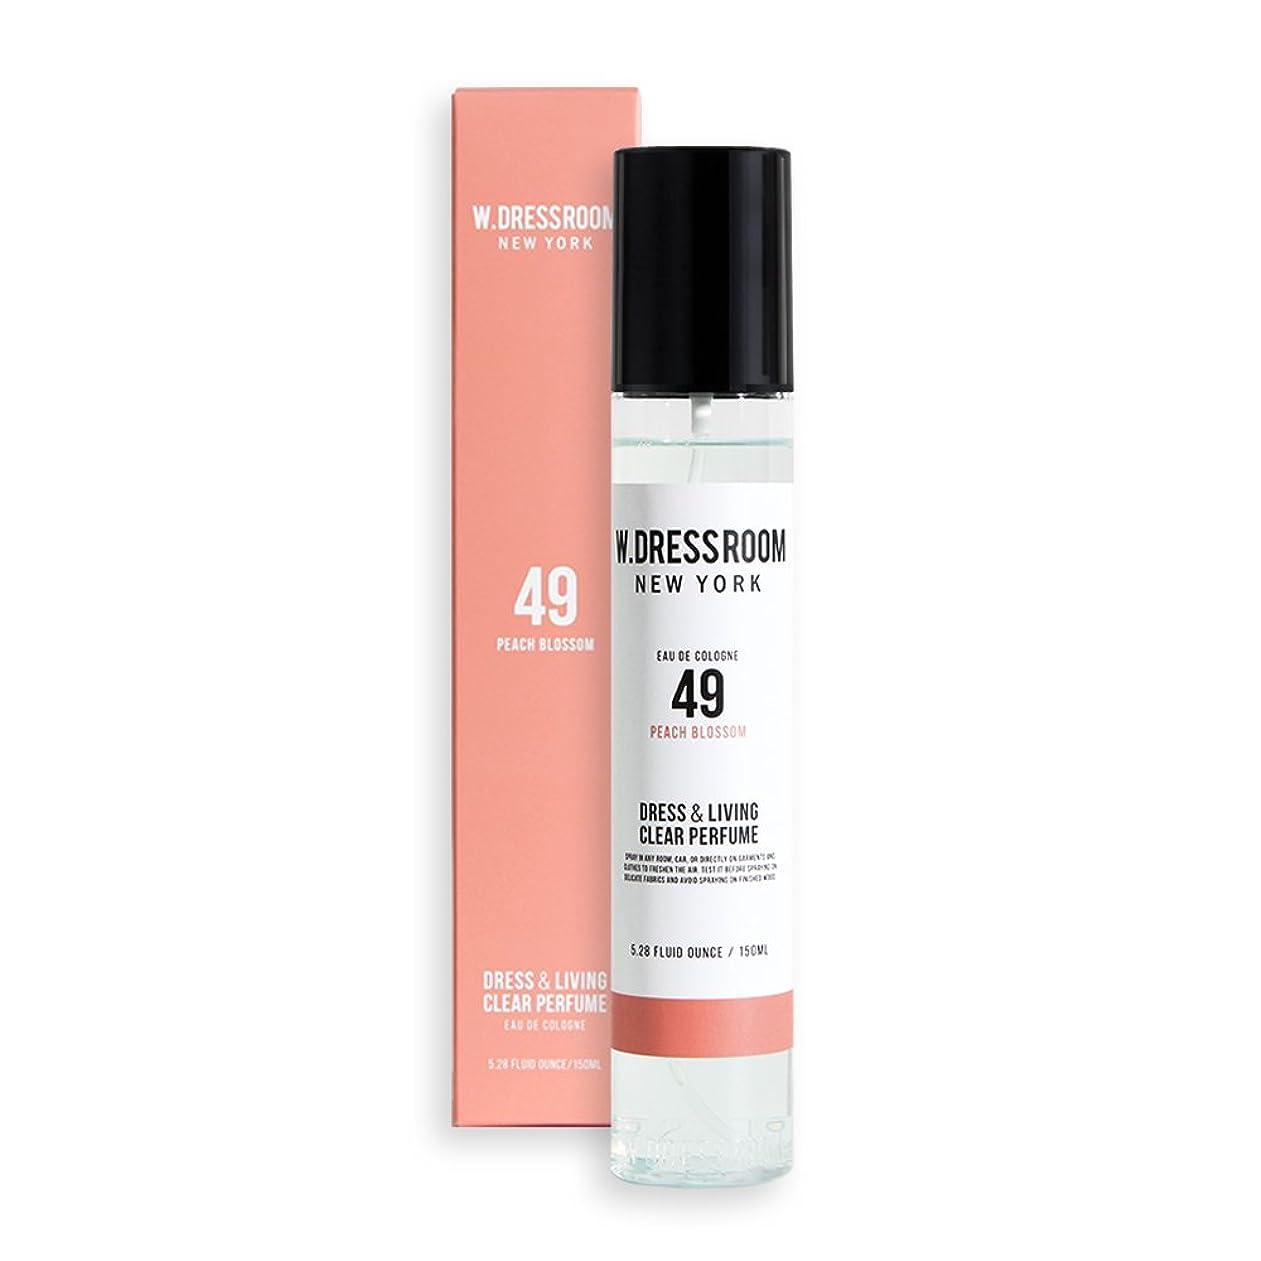 湿気の多い取り消す範囲W.Dressroom 香水 エアフレッシャー ホームフレグランススプレー 150ml 49 ピーチブロッサム